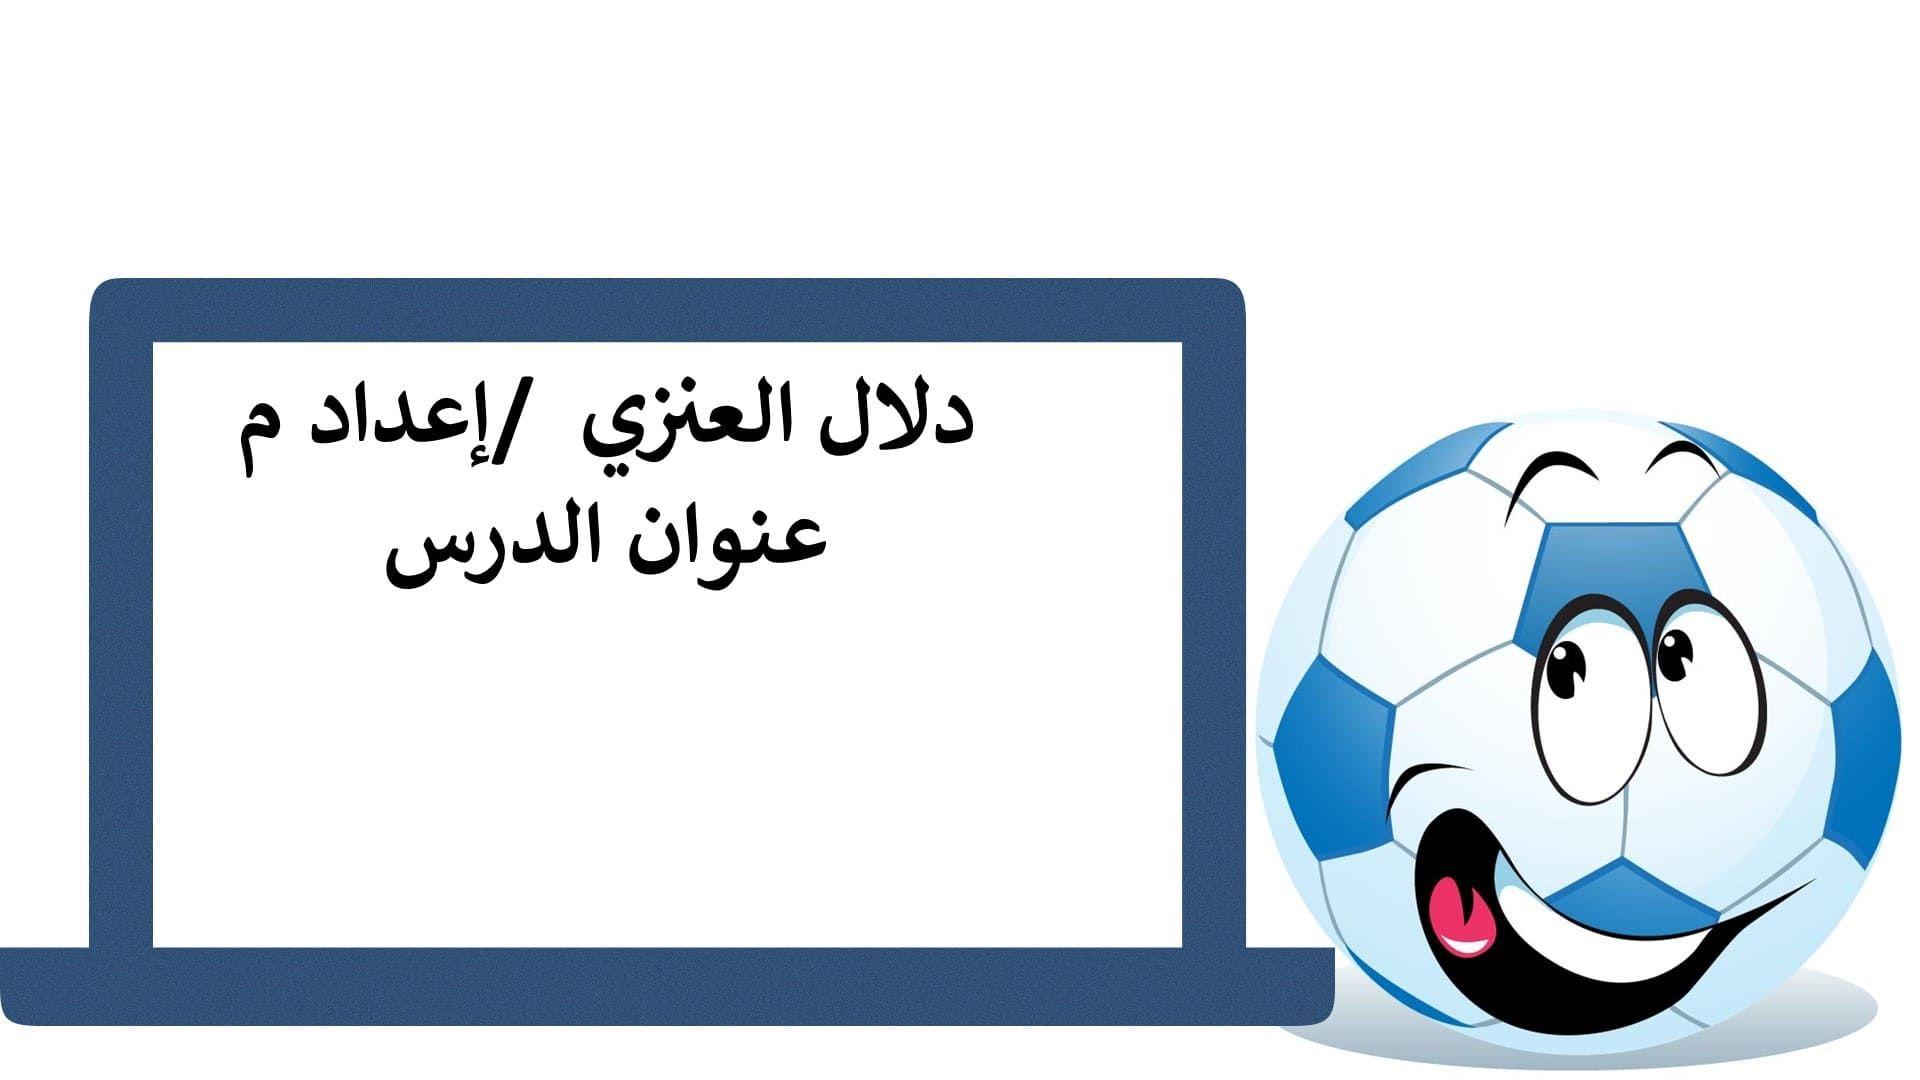 قالب كرة القدم بوربوينت يتناسب مع جميع الحصص التفاعلية للطلاب Character Fictional Characters Disney Characters